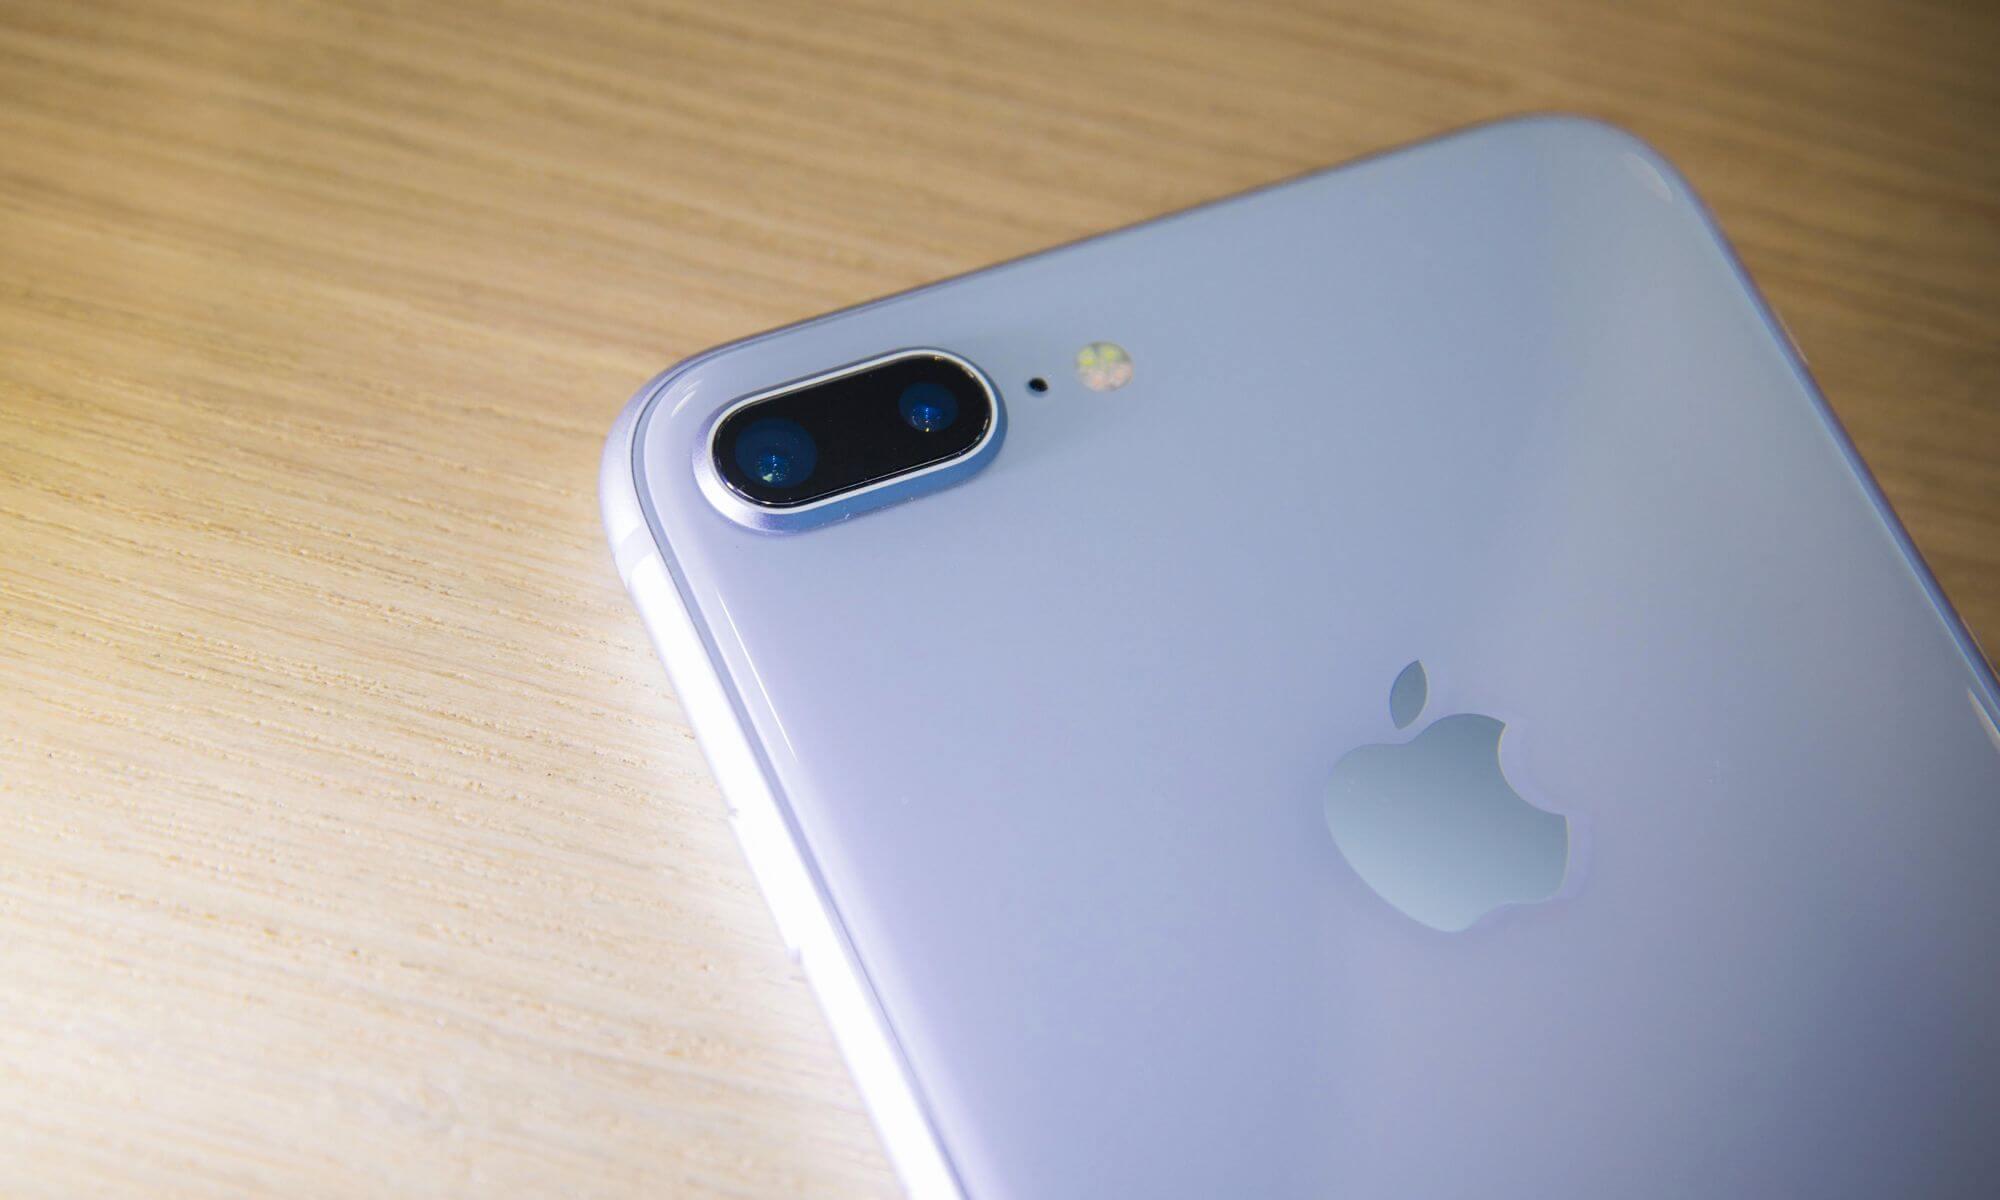 Увеличенный iPhone X может стать самым популярным в этом году